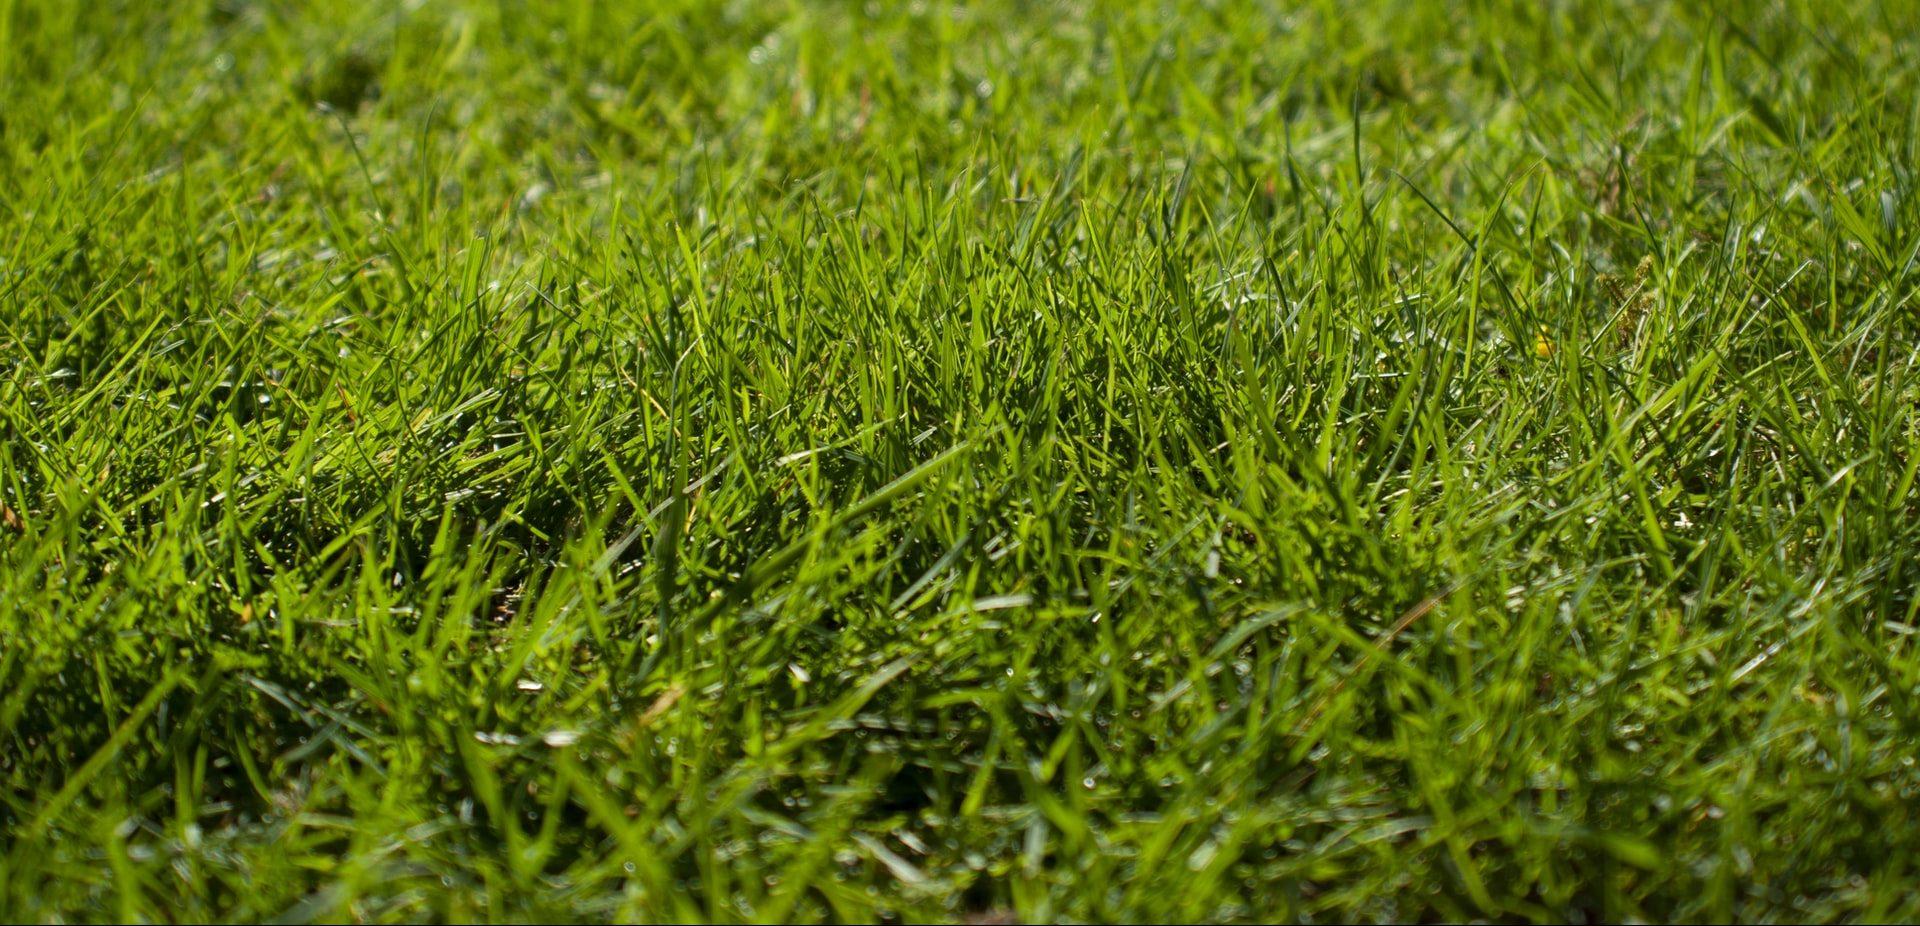 Ist dein Rasen braun trotz Regen? – 5 Schritte zu einem saftig, grünen Rasen